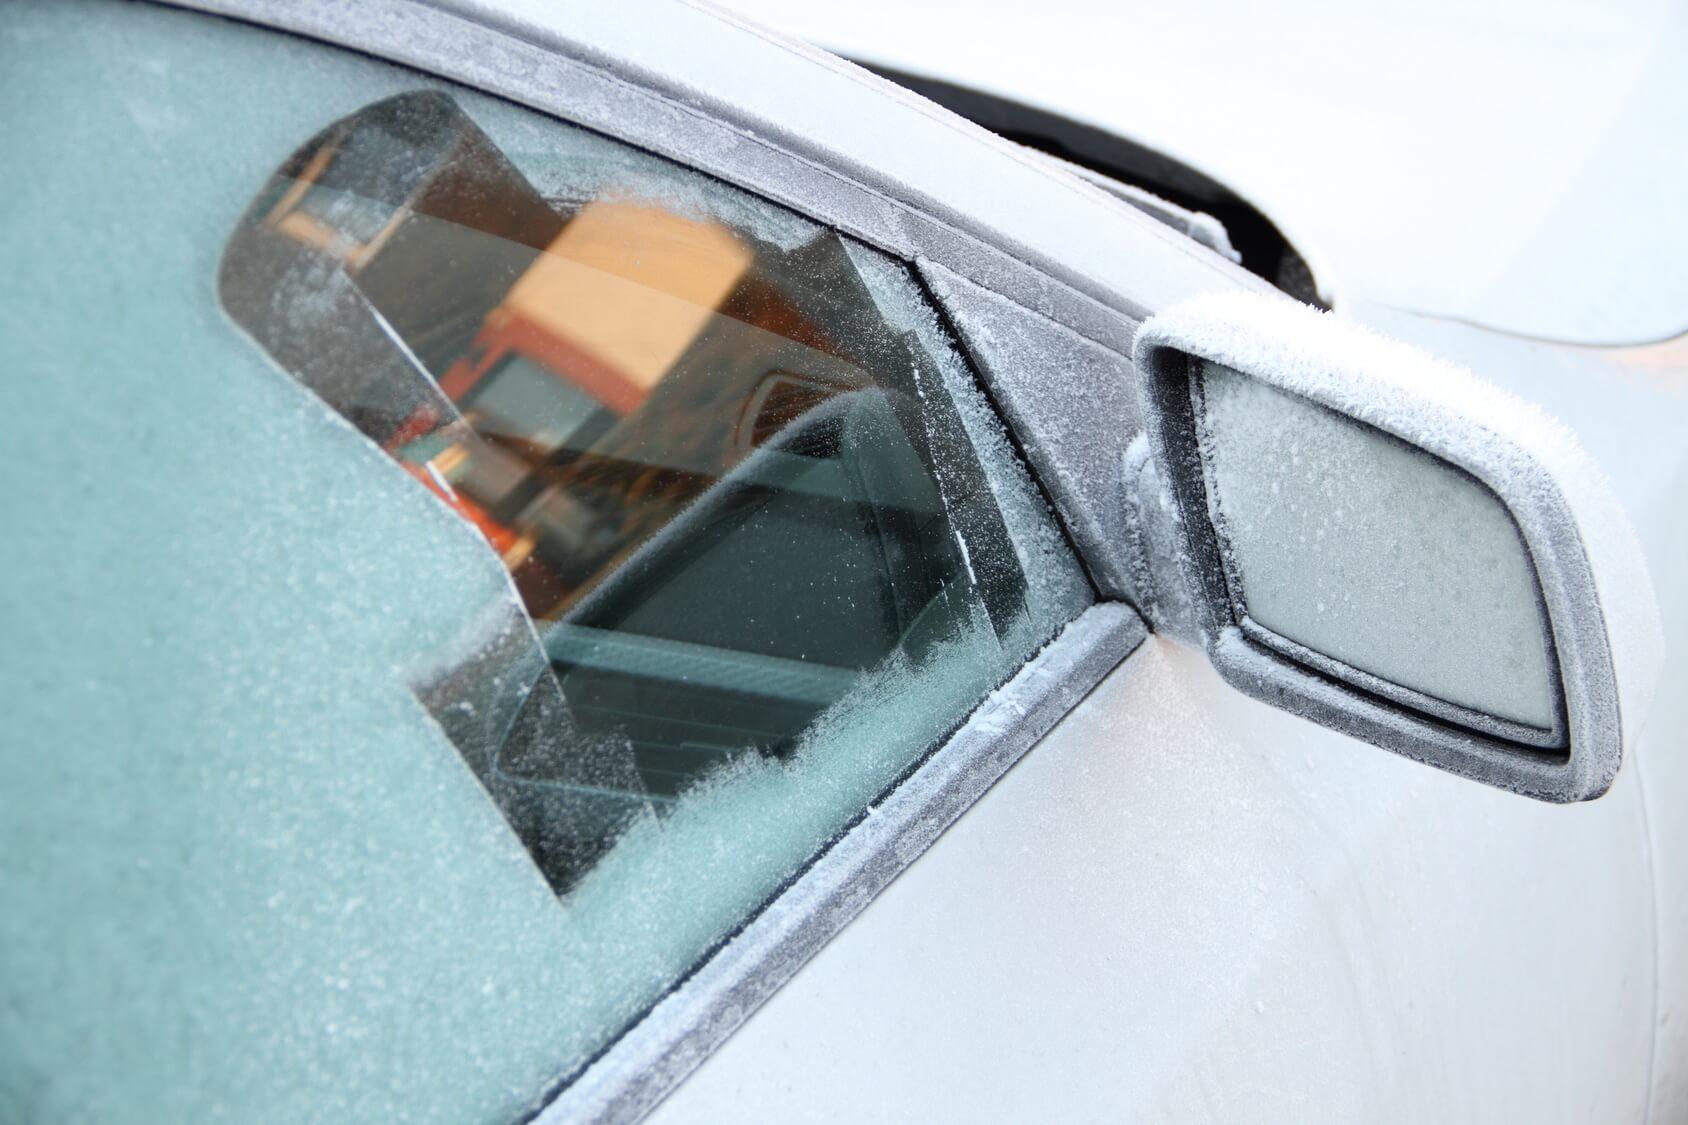 Ein kleines Guckloch auf der Beifahrerseite in einer komplett zugefrorenen Pkw-Scheibe.